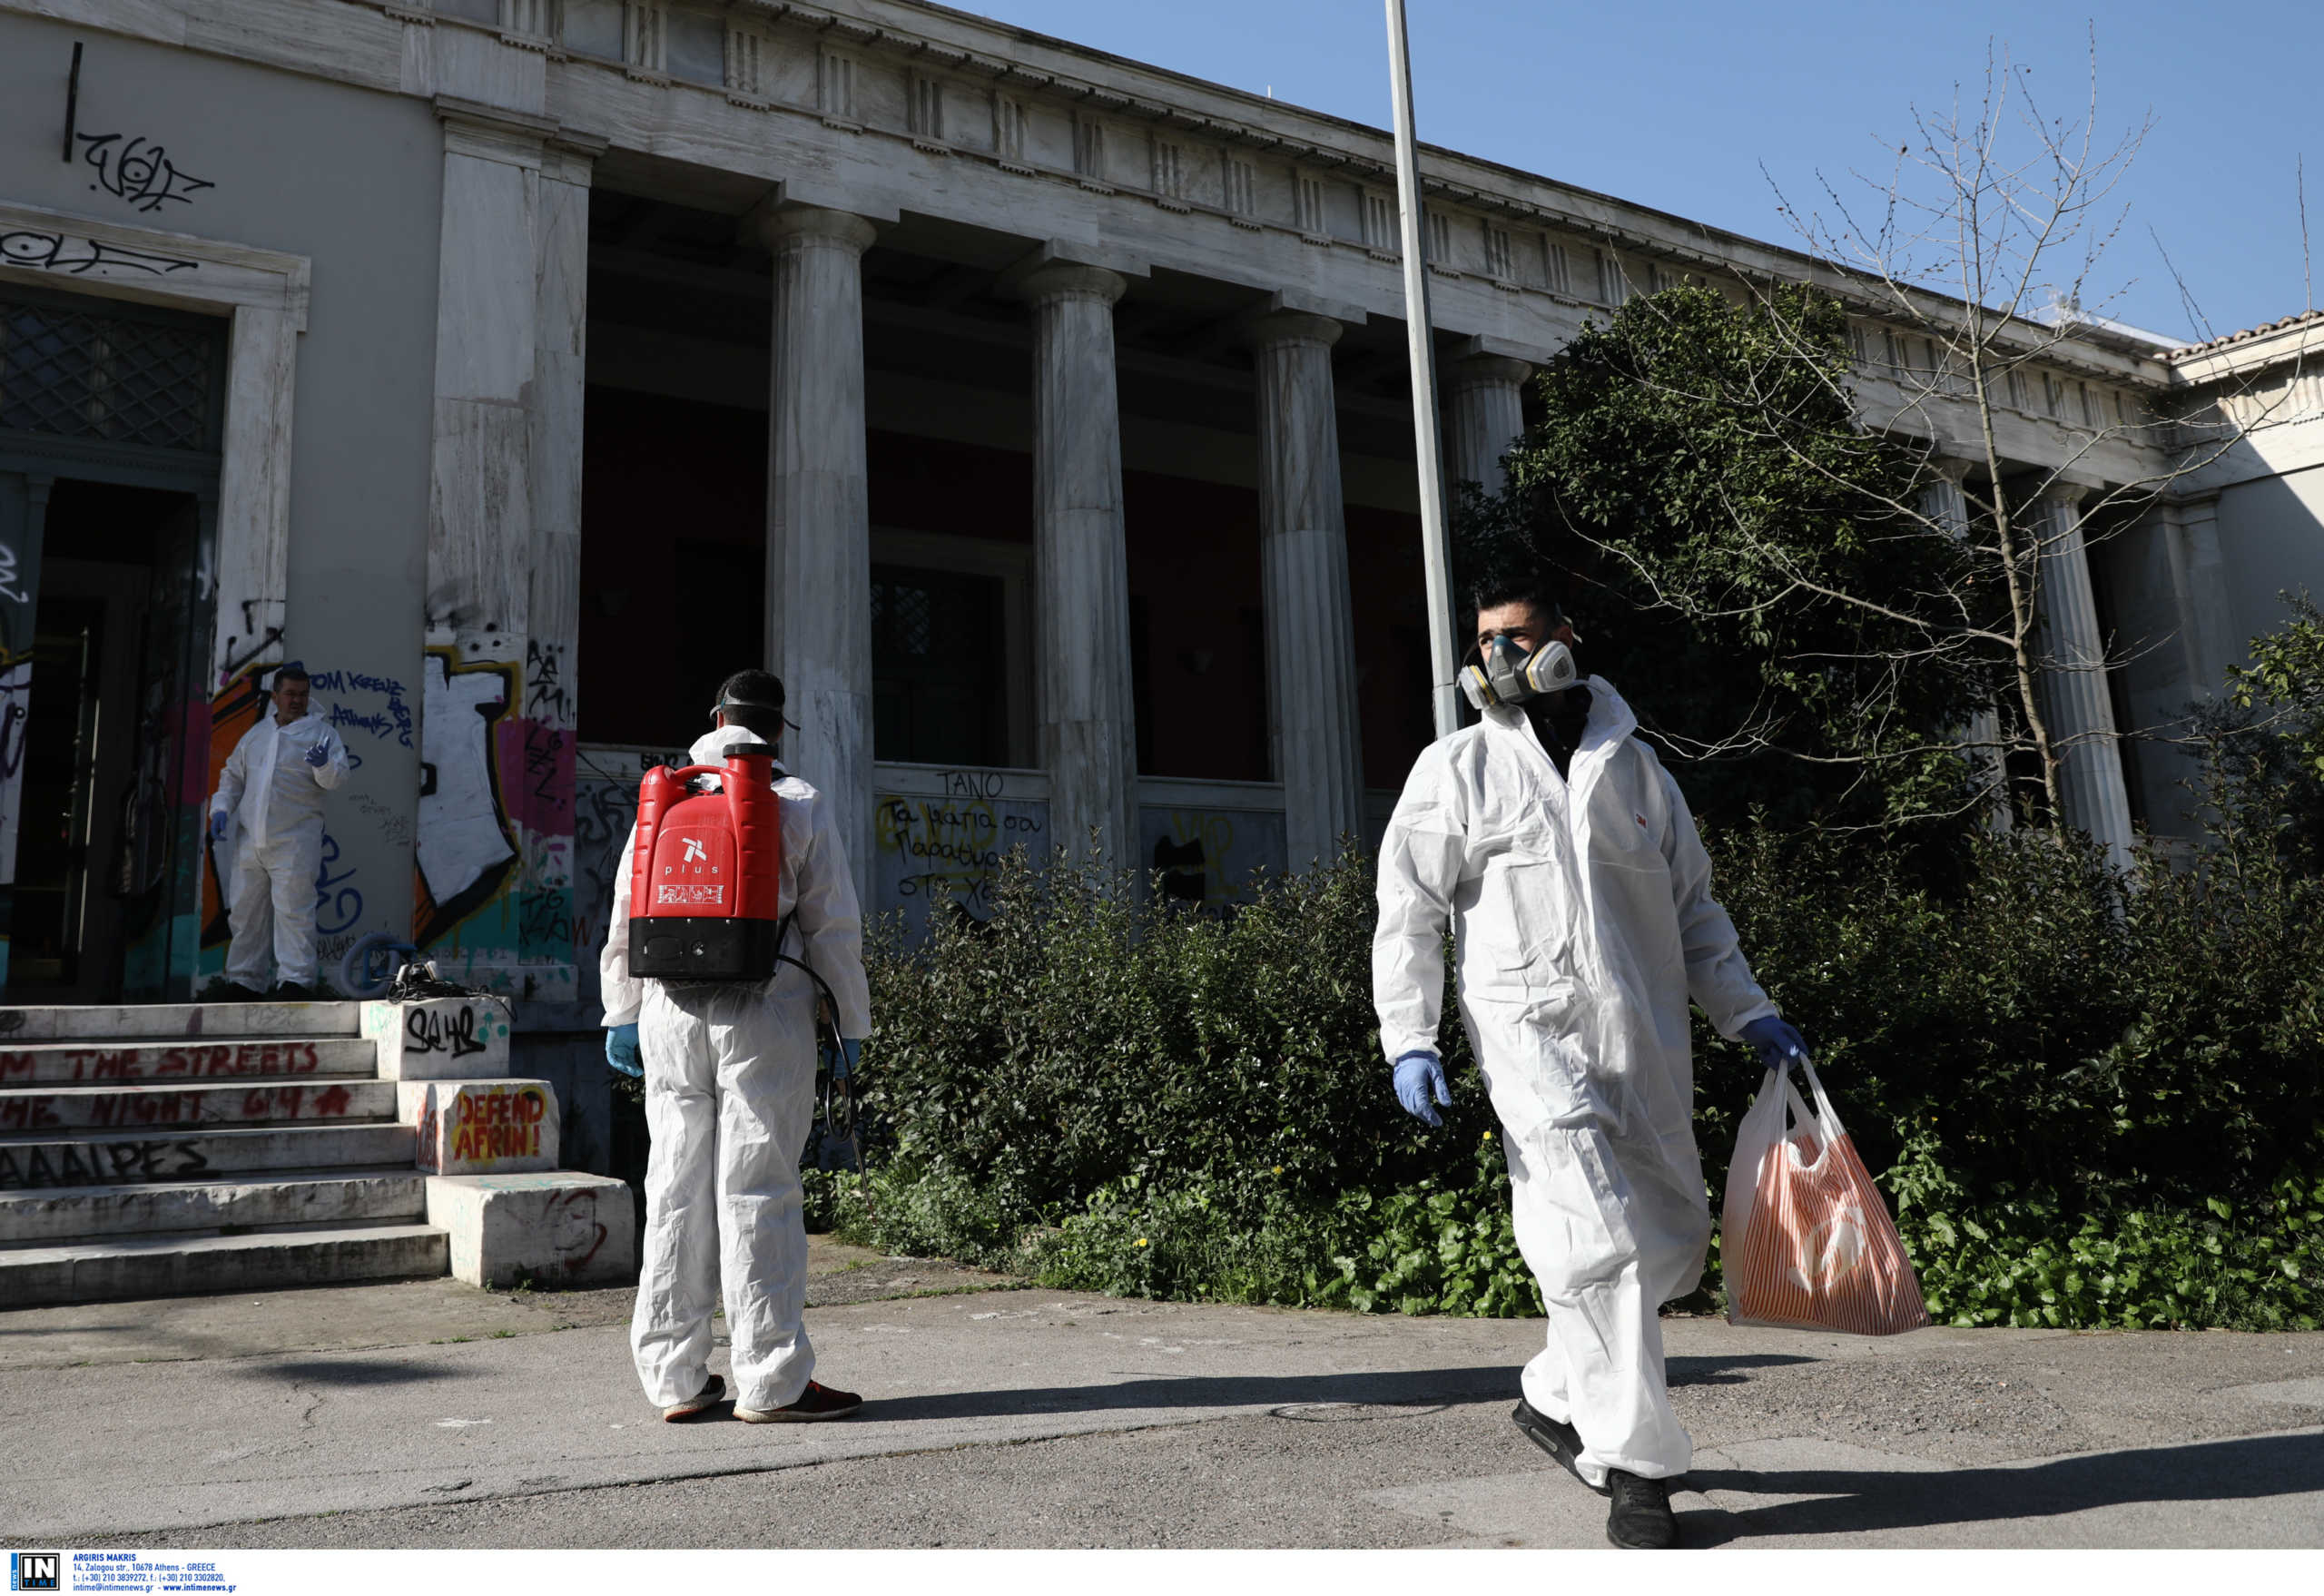 Έκκληση του Προέδρου των Ελλήνων Ιατροδικαστών: «Να γίνονται τεστ κορονοϊού σε όλους τους νεκρούς»